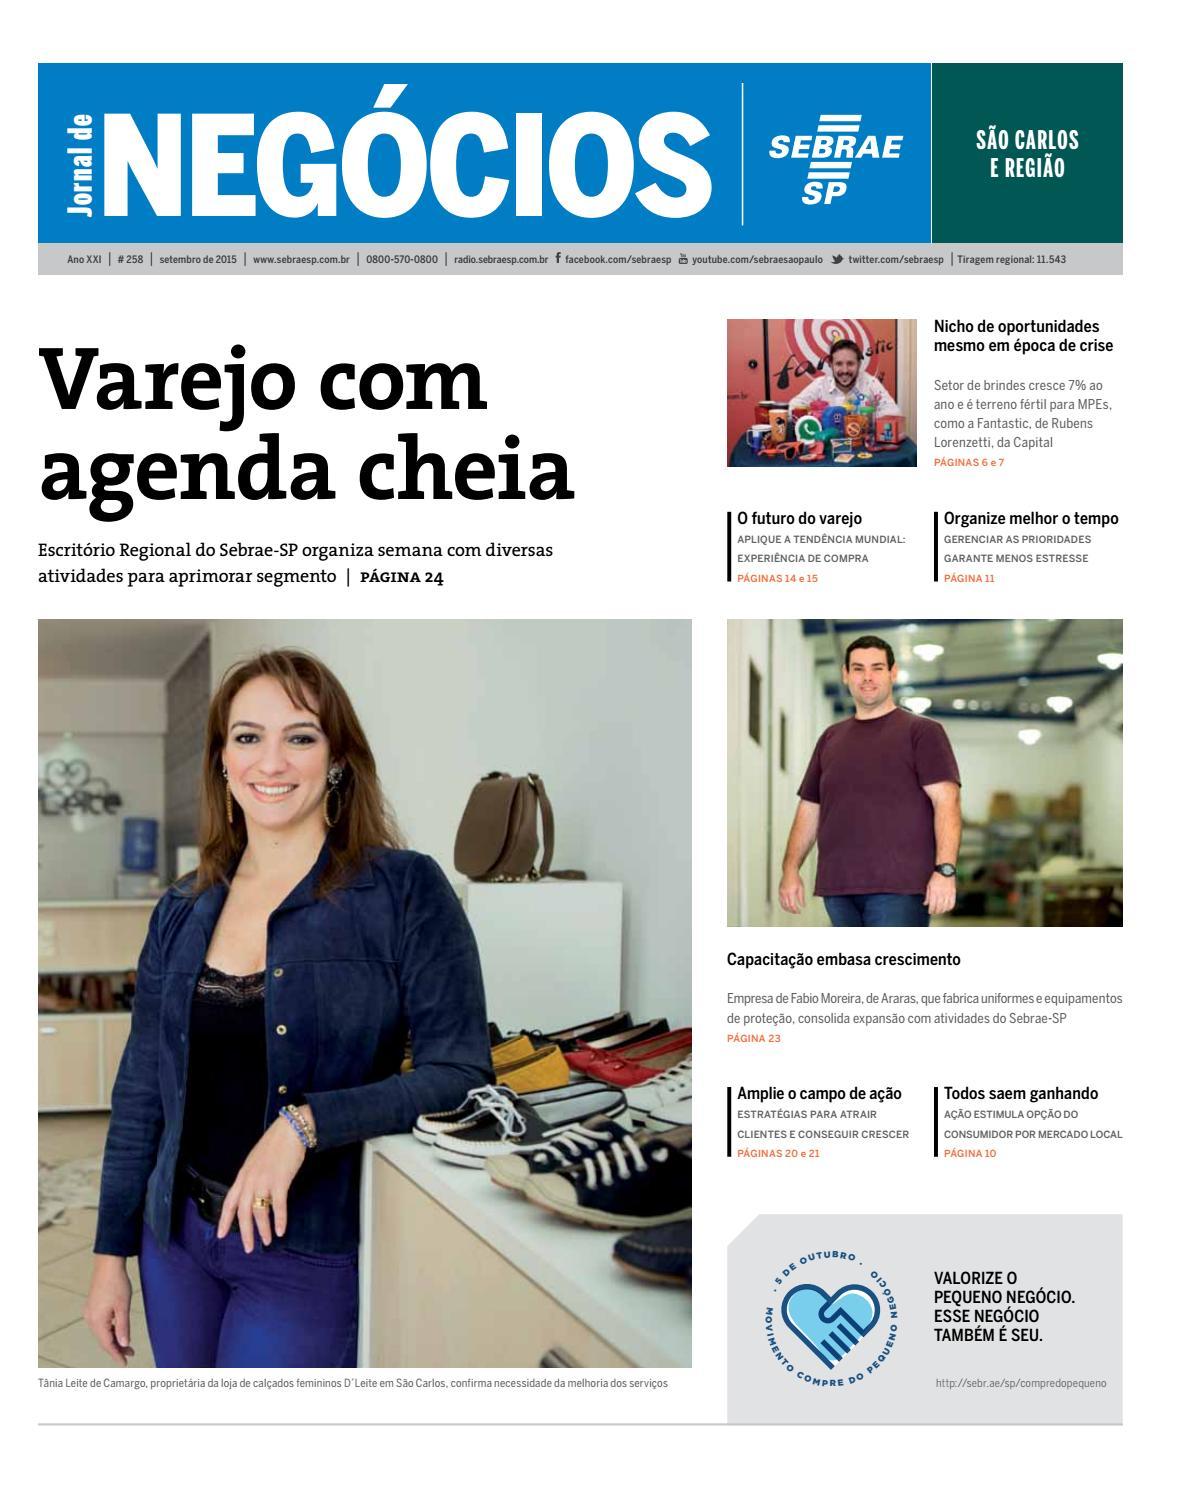 Jornal de Negócios Sebrae-SP - Setembro de 2015 -São Carlos e região by  Sebrae-SP - issuu 3a8cab22279